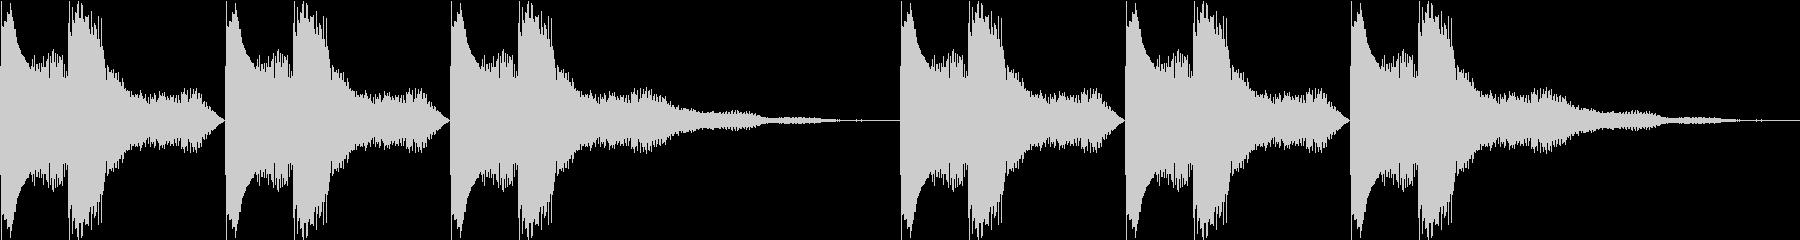 綺麗な着信音ループの未再生の波形